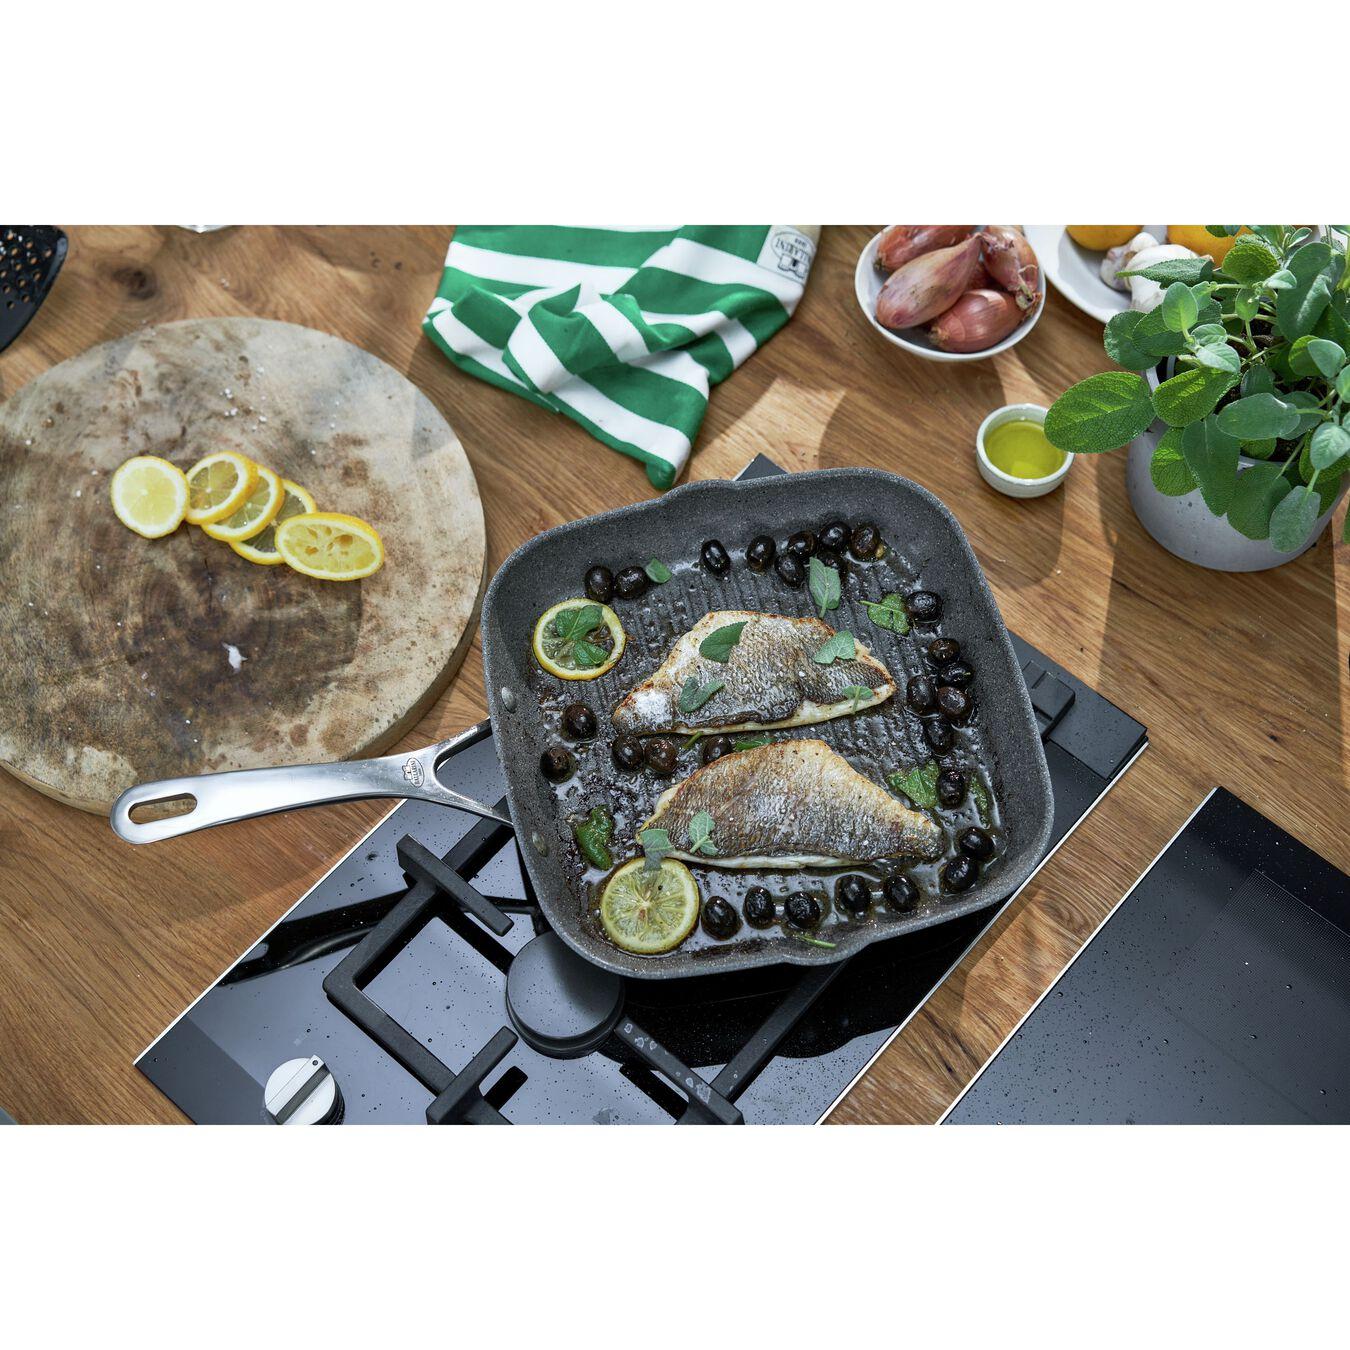 28 cm / 11 inch aluminium square Grill pan,,large 3